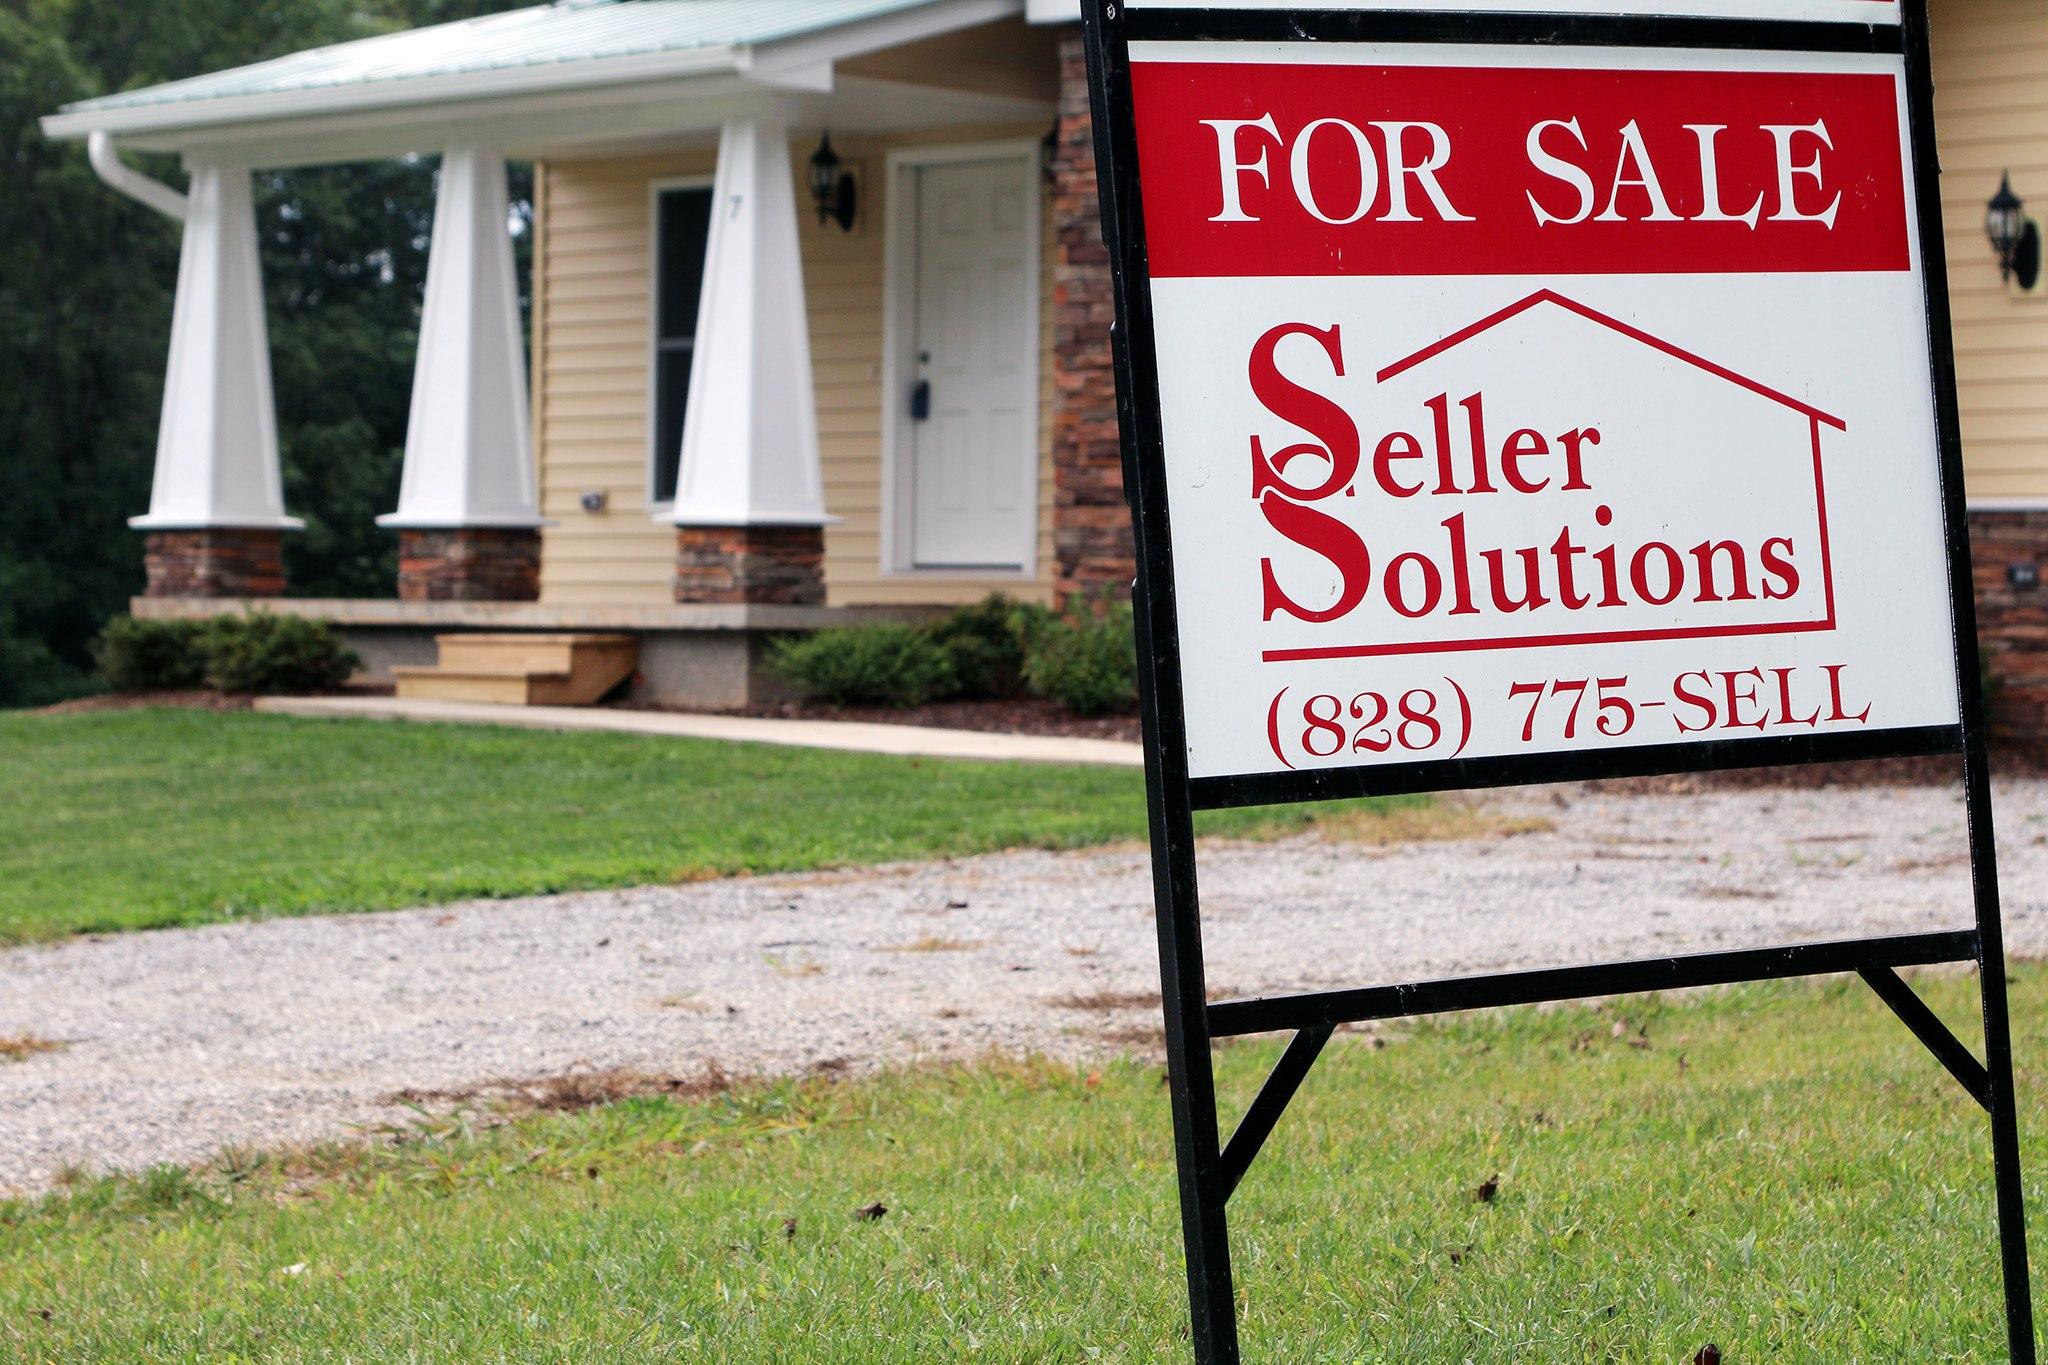 Seller Solutions_AMP_072213_001.jpg